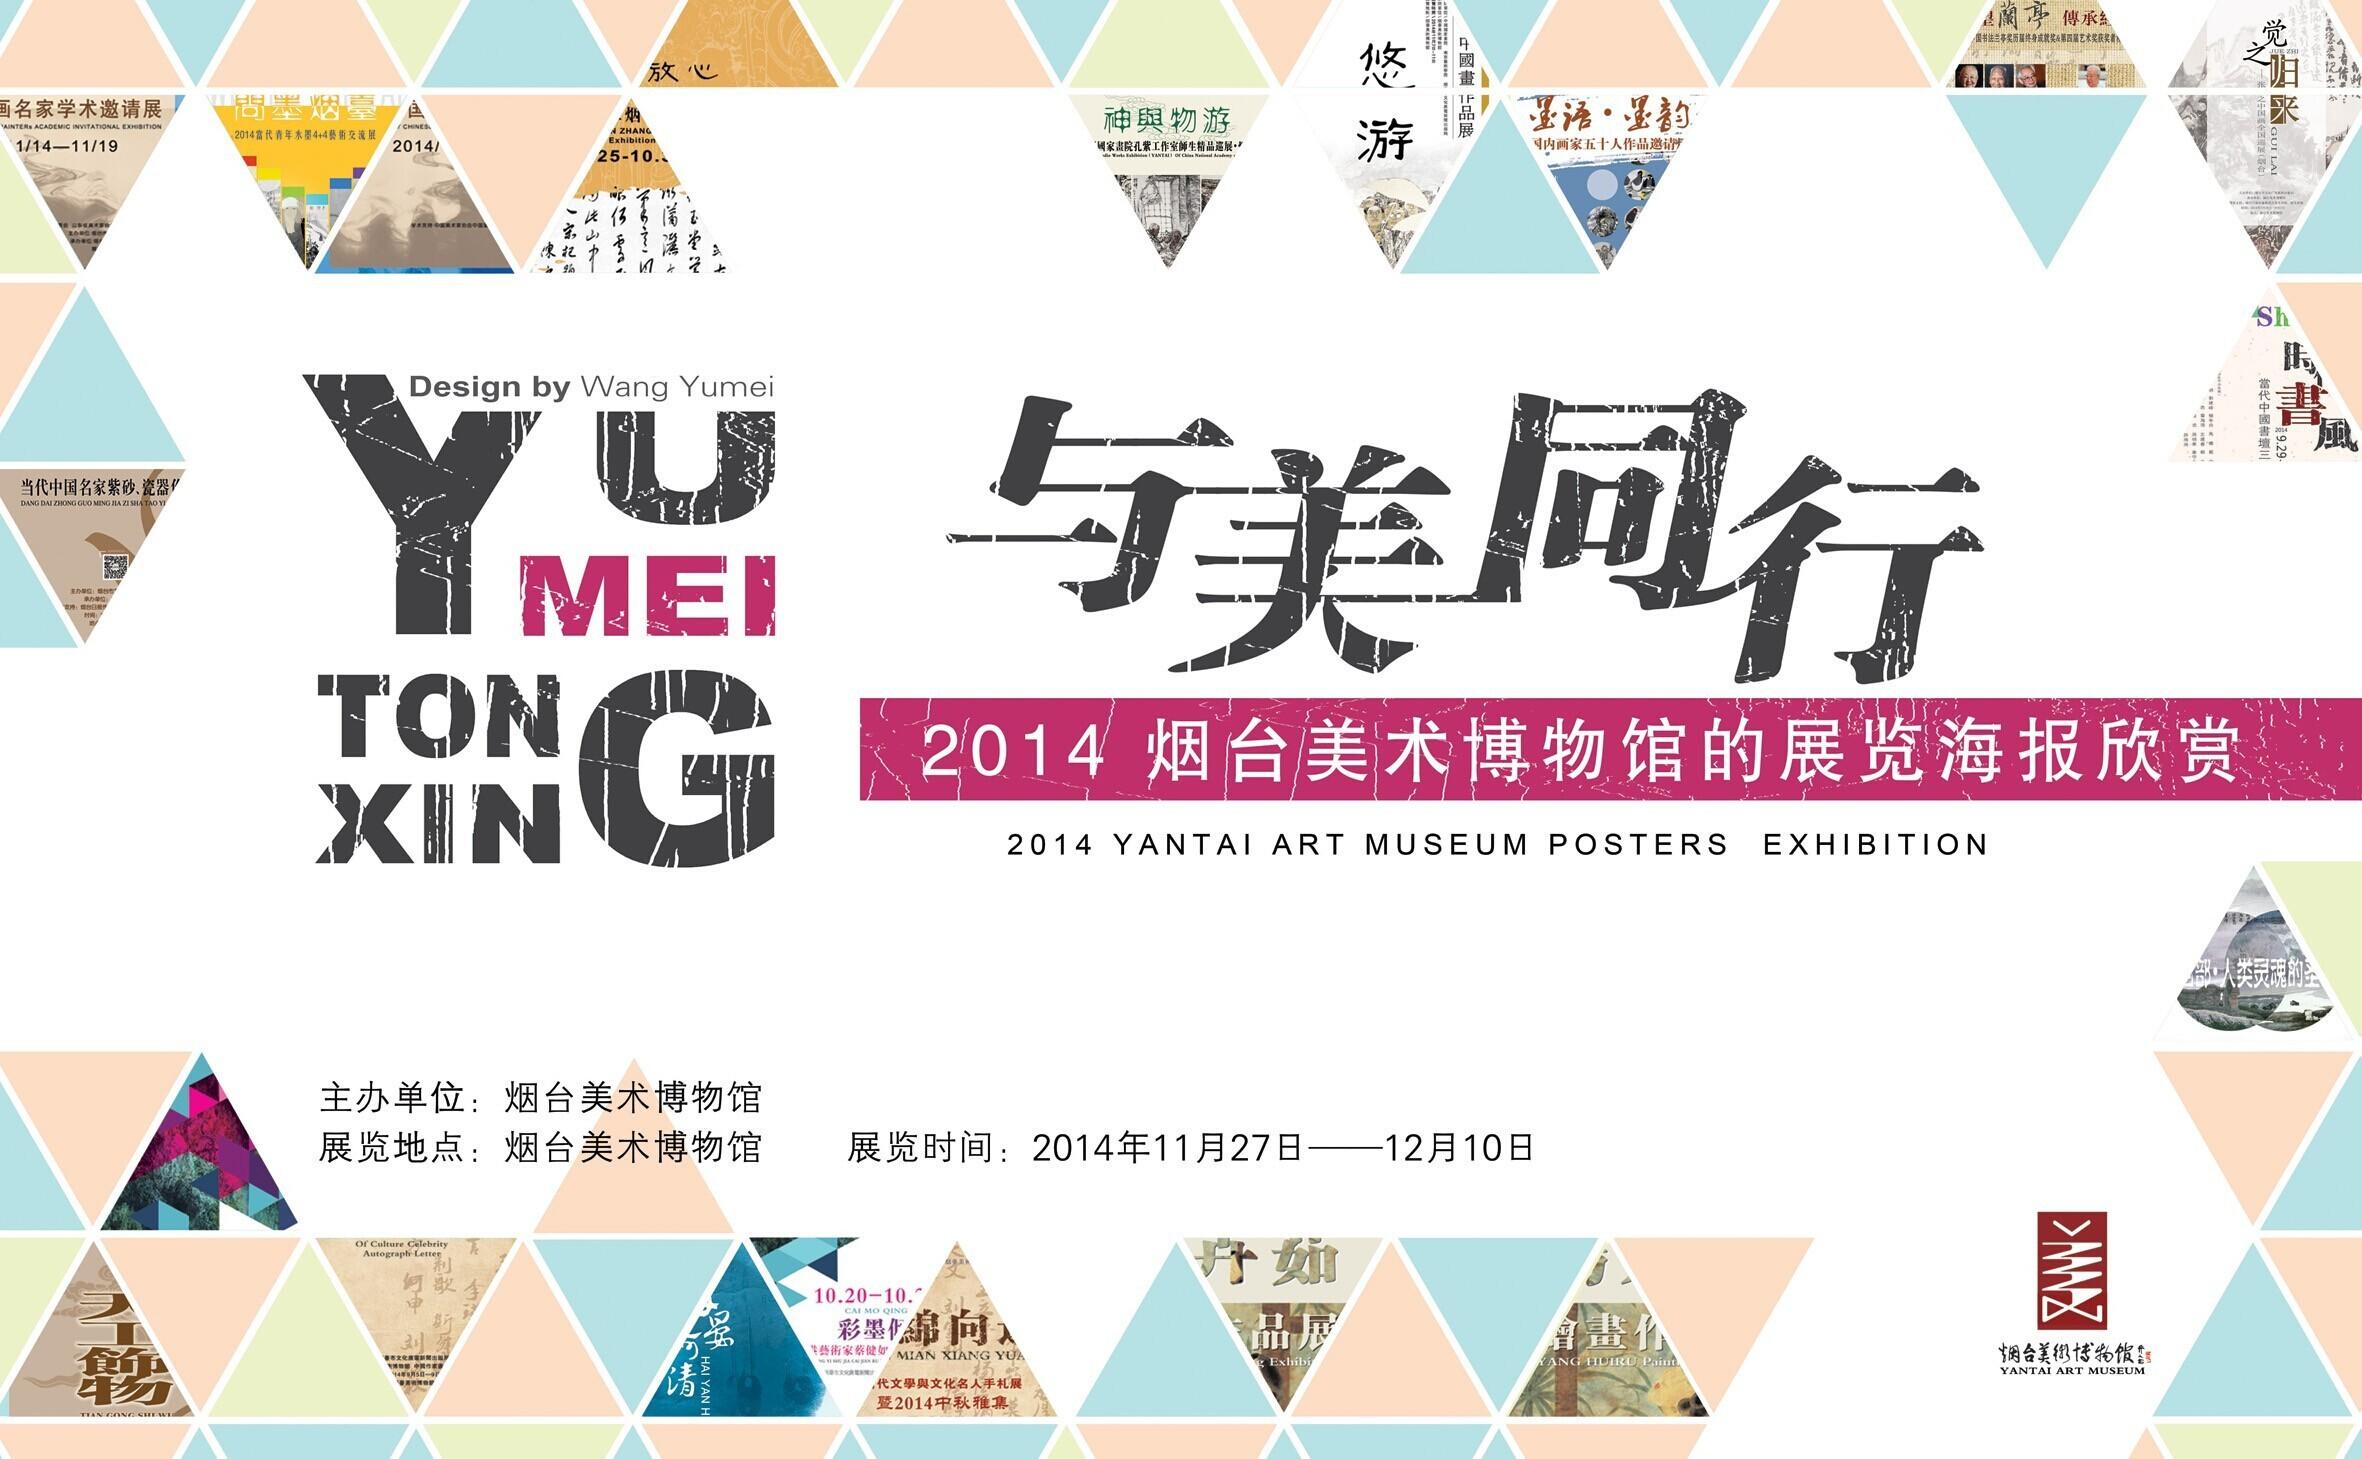 这些展览海报的设计者是烟台美术博物馆助理馆员,平面设计师王玉梅,其